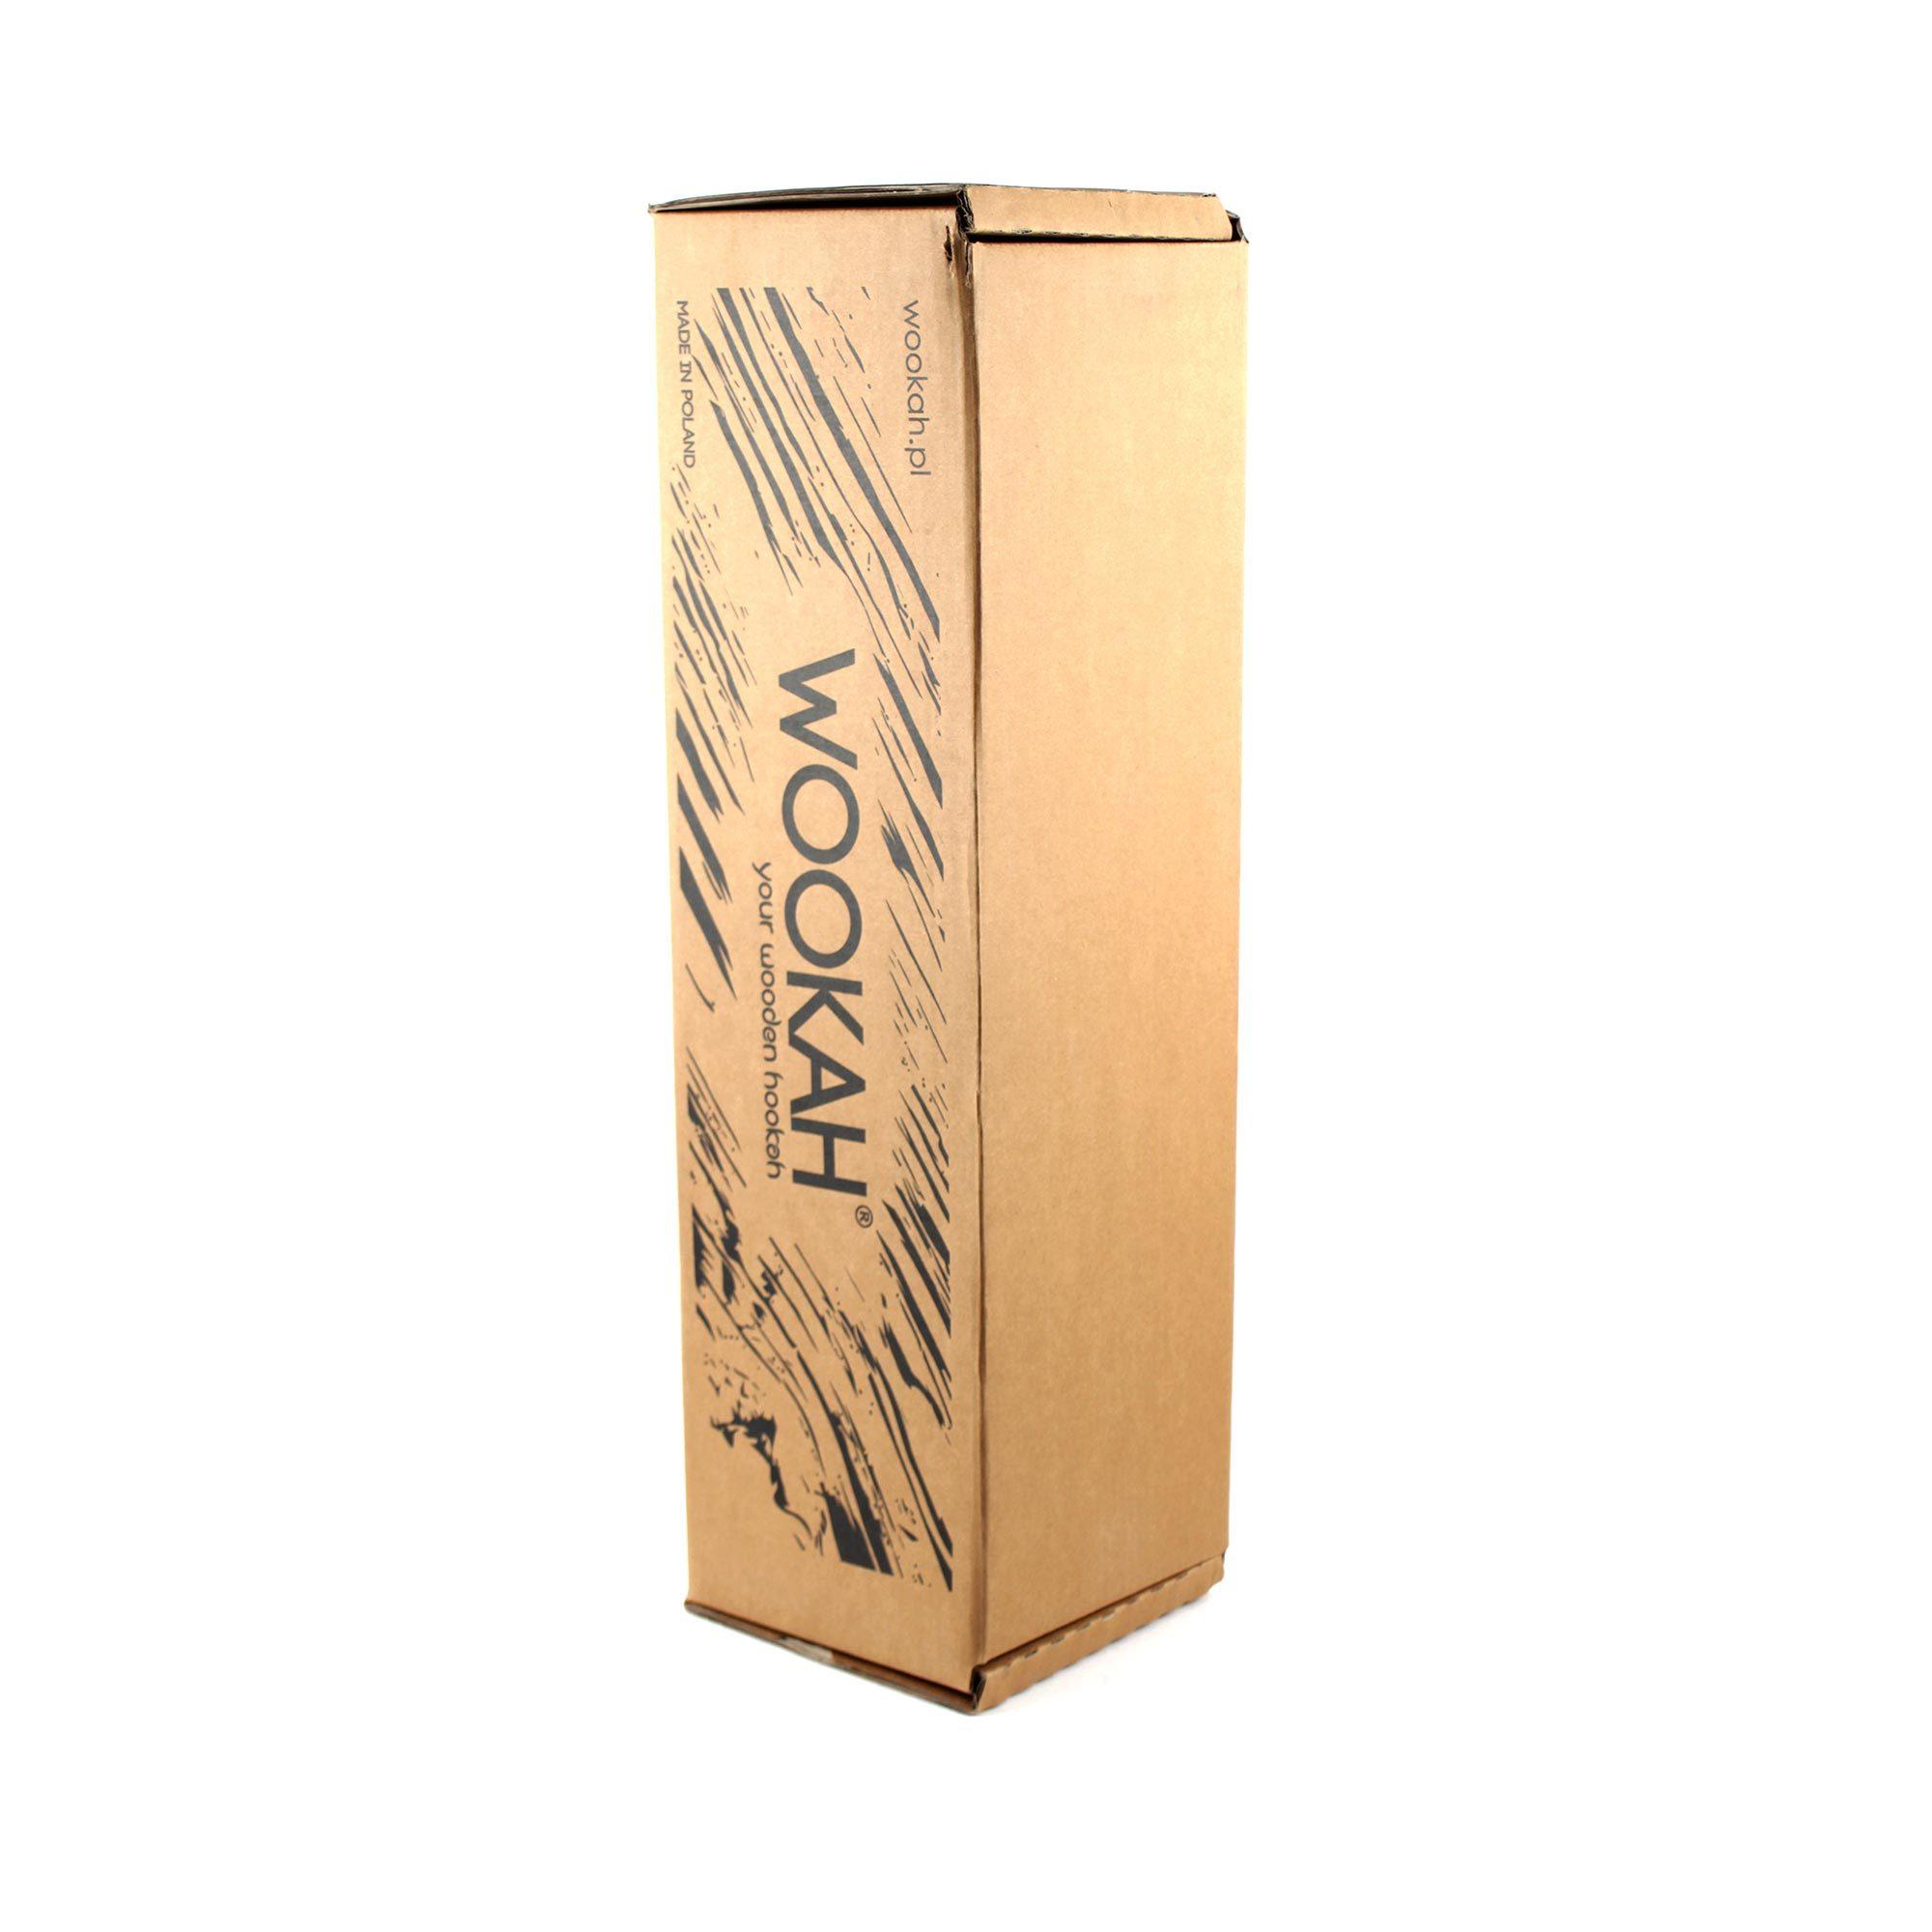 Фирменная коробка кальяна Wookah Nox с колбой Cristal